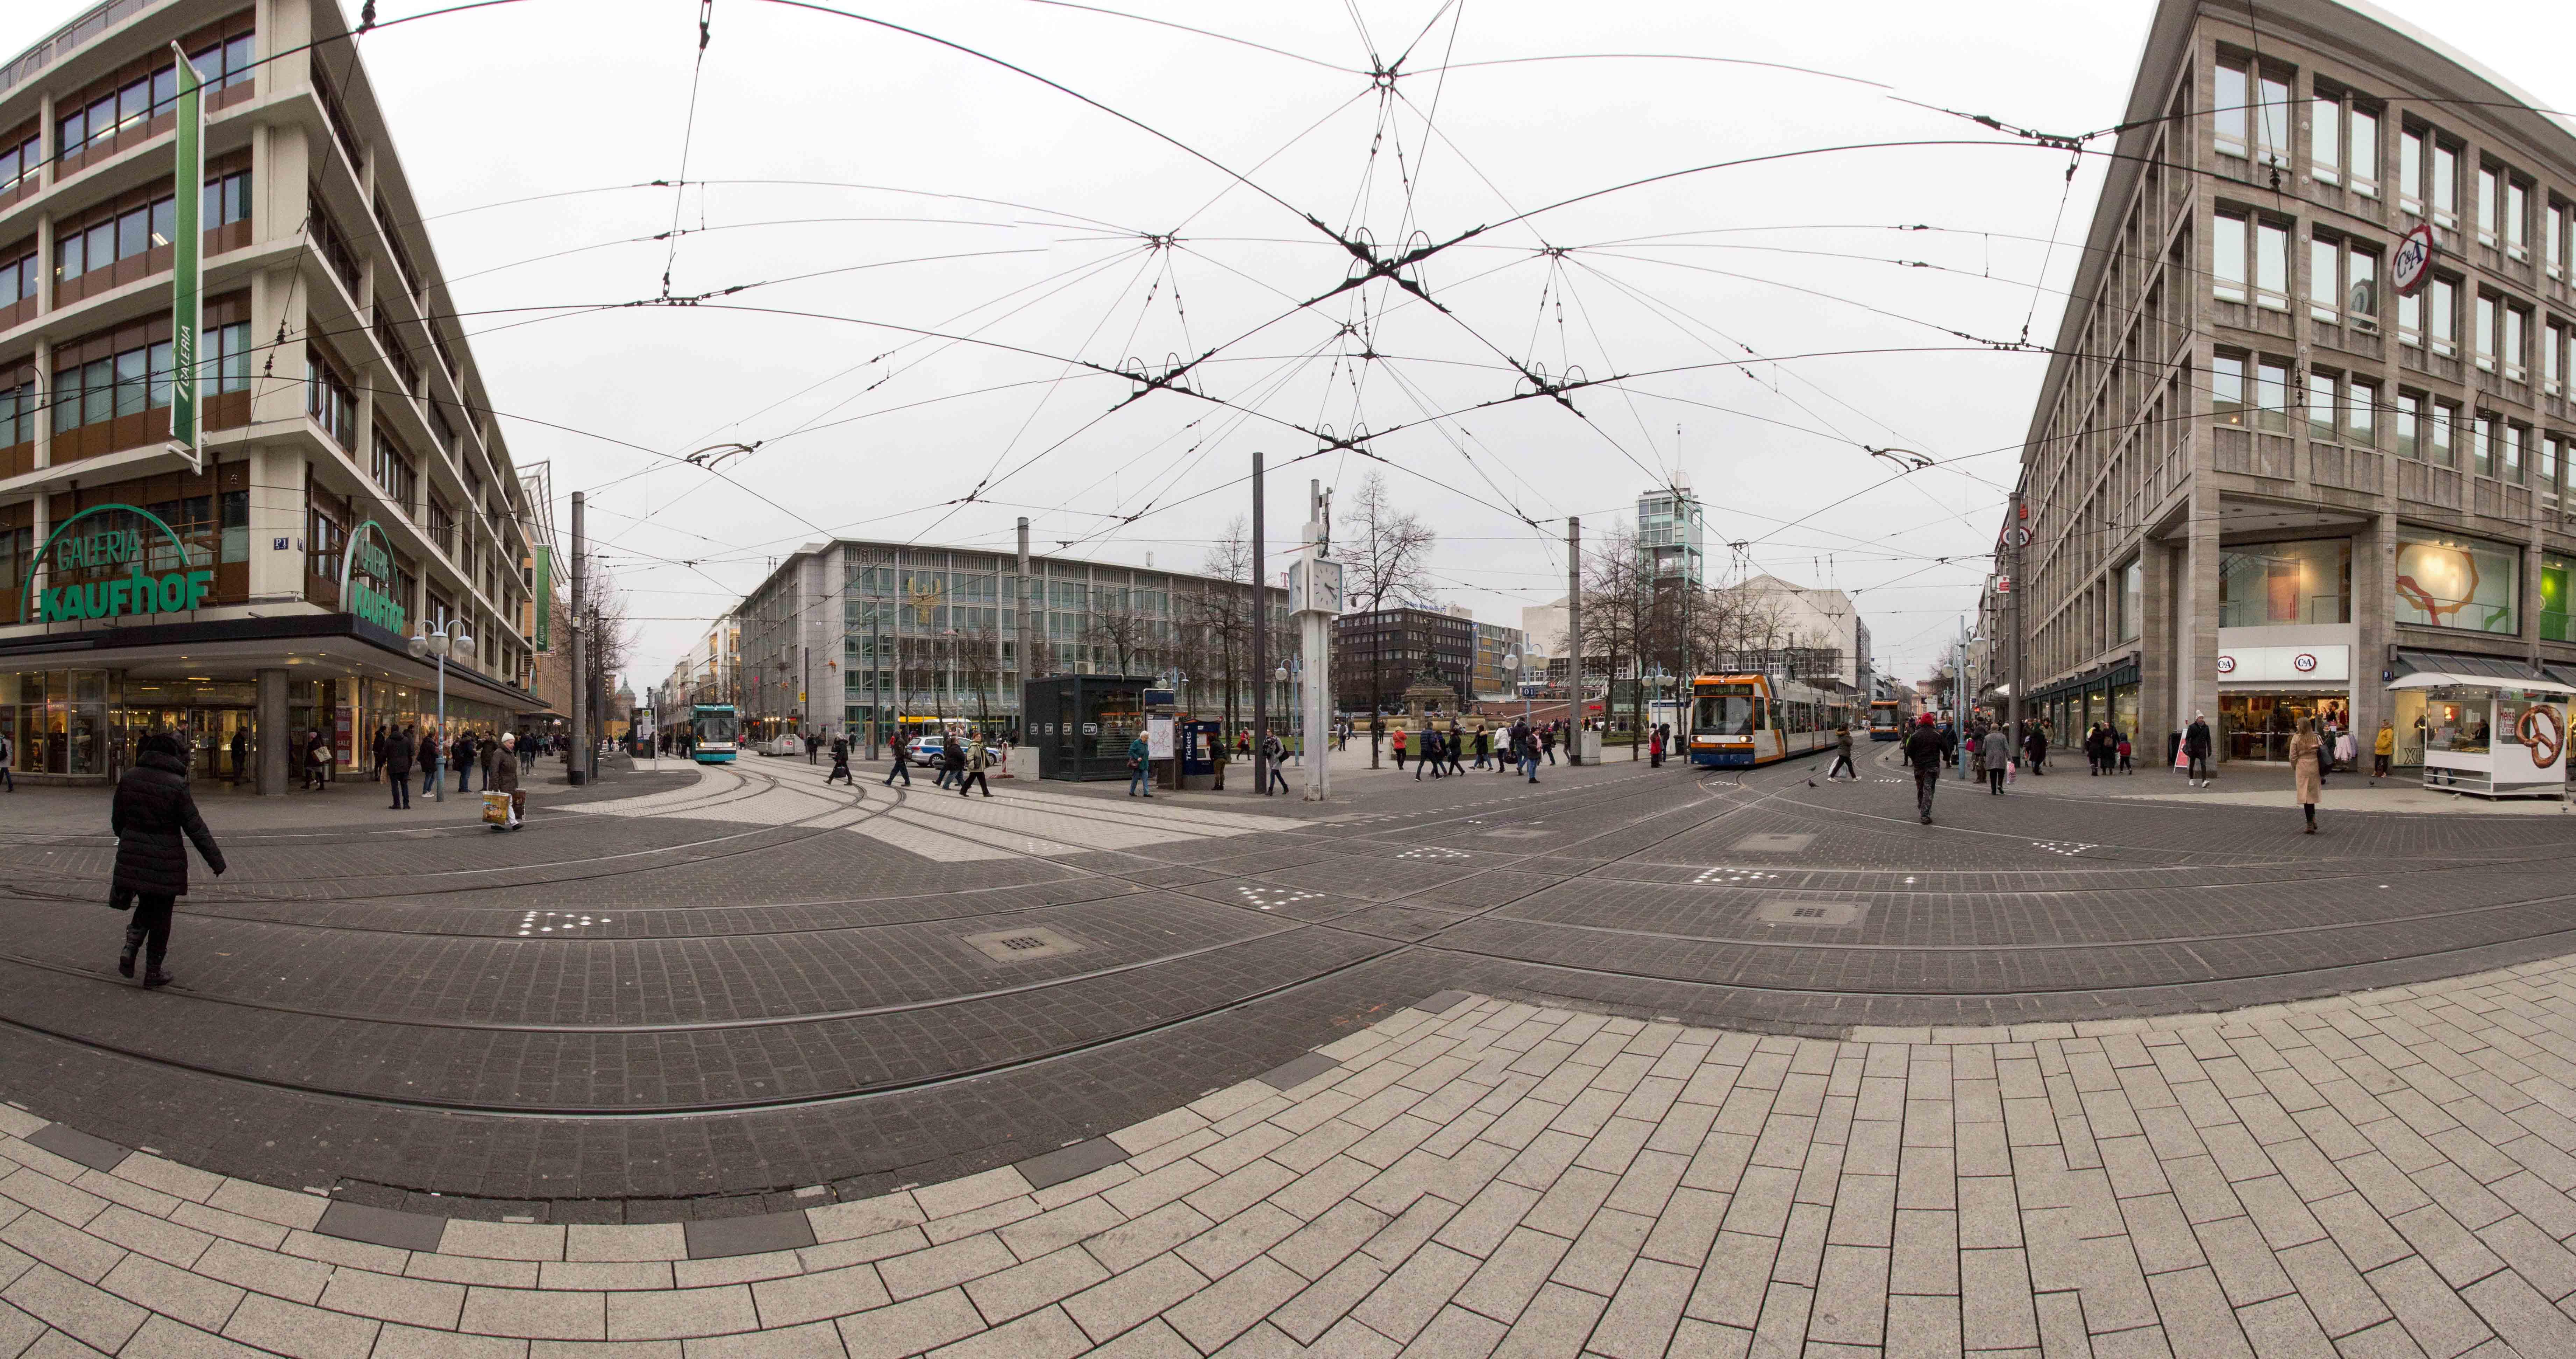 Architektur und Zentrum Mannheim_29